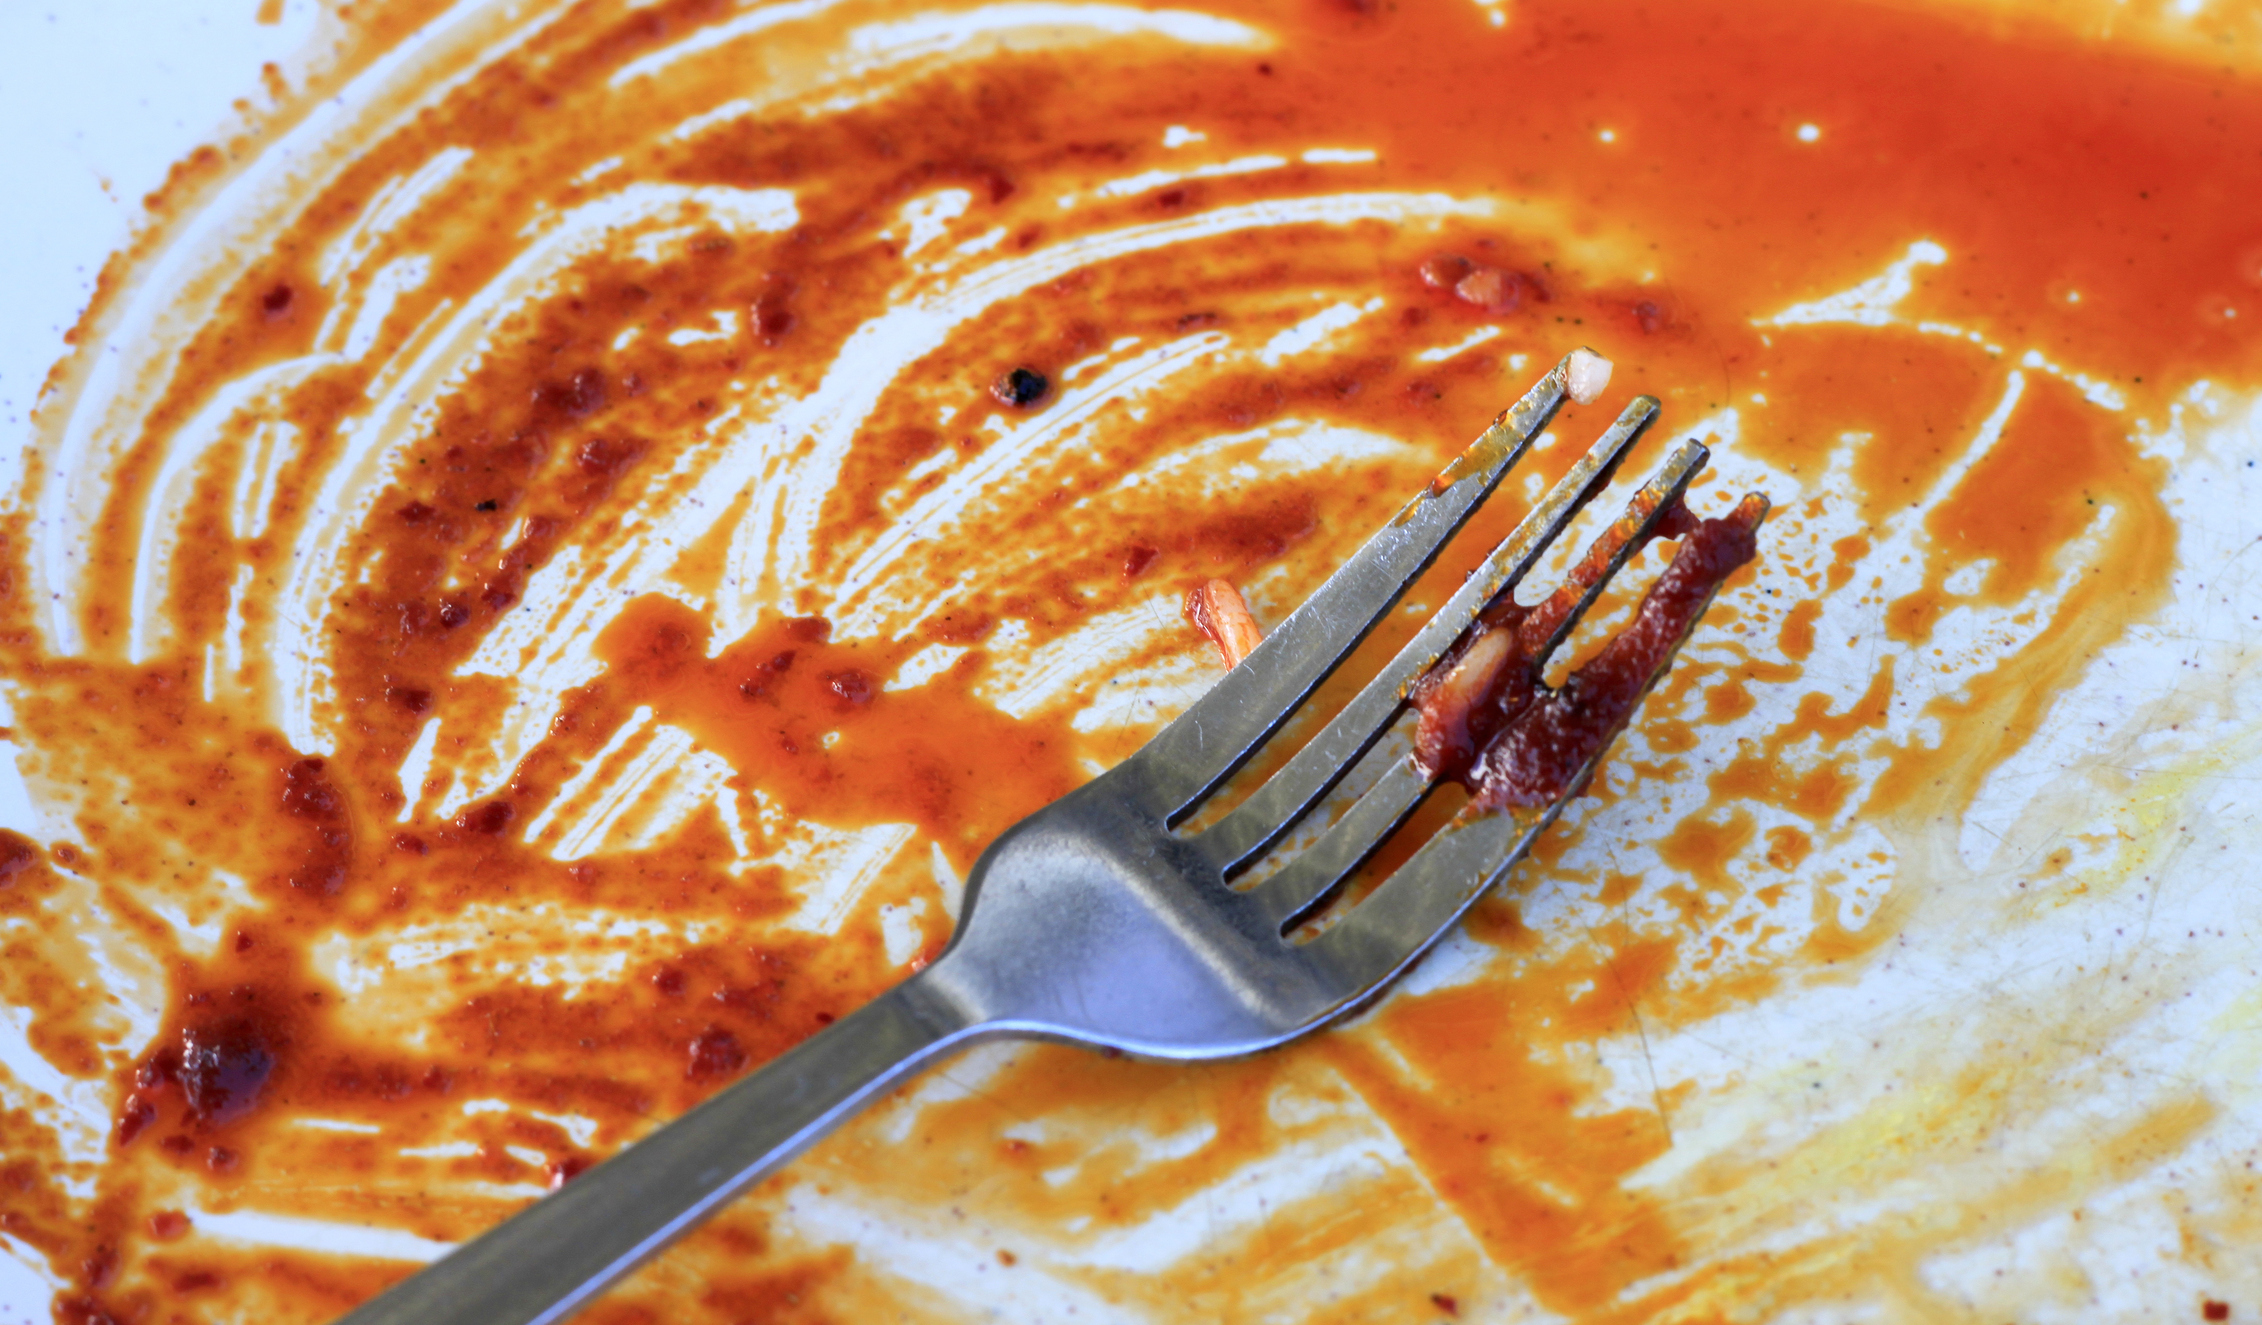 Мръсни чинии, които са останали от вечерта. Идея: мийте чиниите всяка вечер след хранене или се редувайте с половинката си, а ако децата ви са достатъчно големи, включете и тях в това досадно задължение.